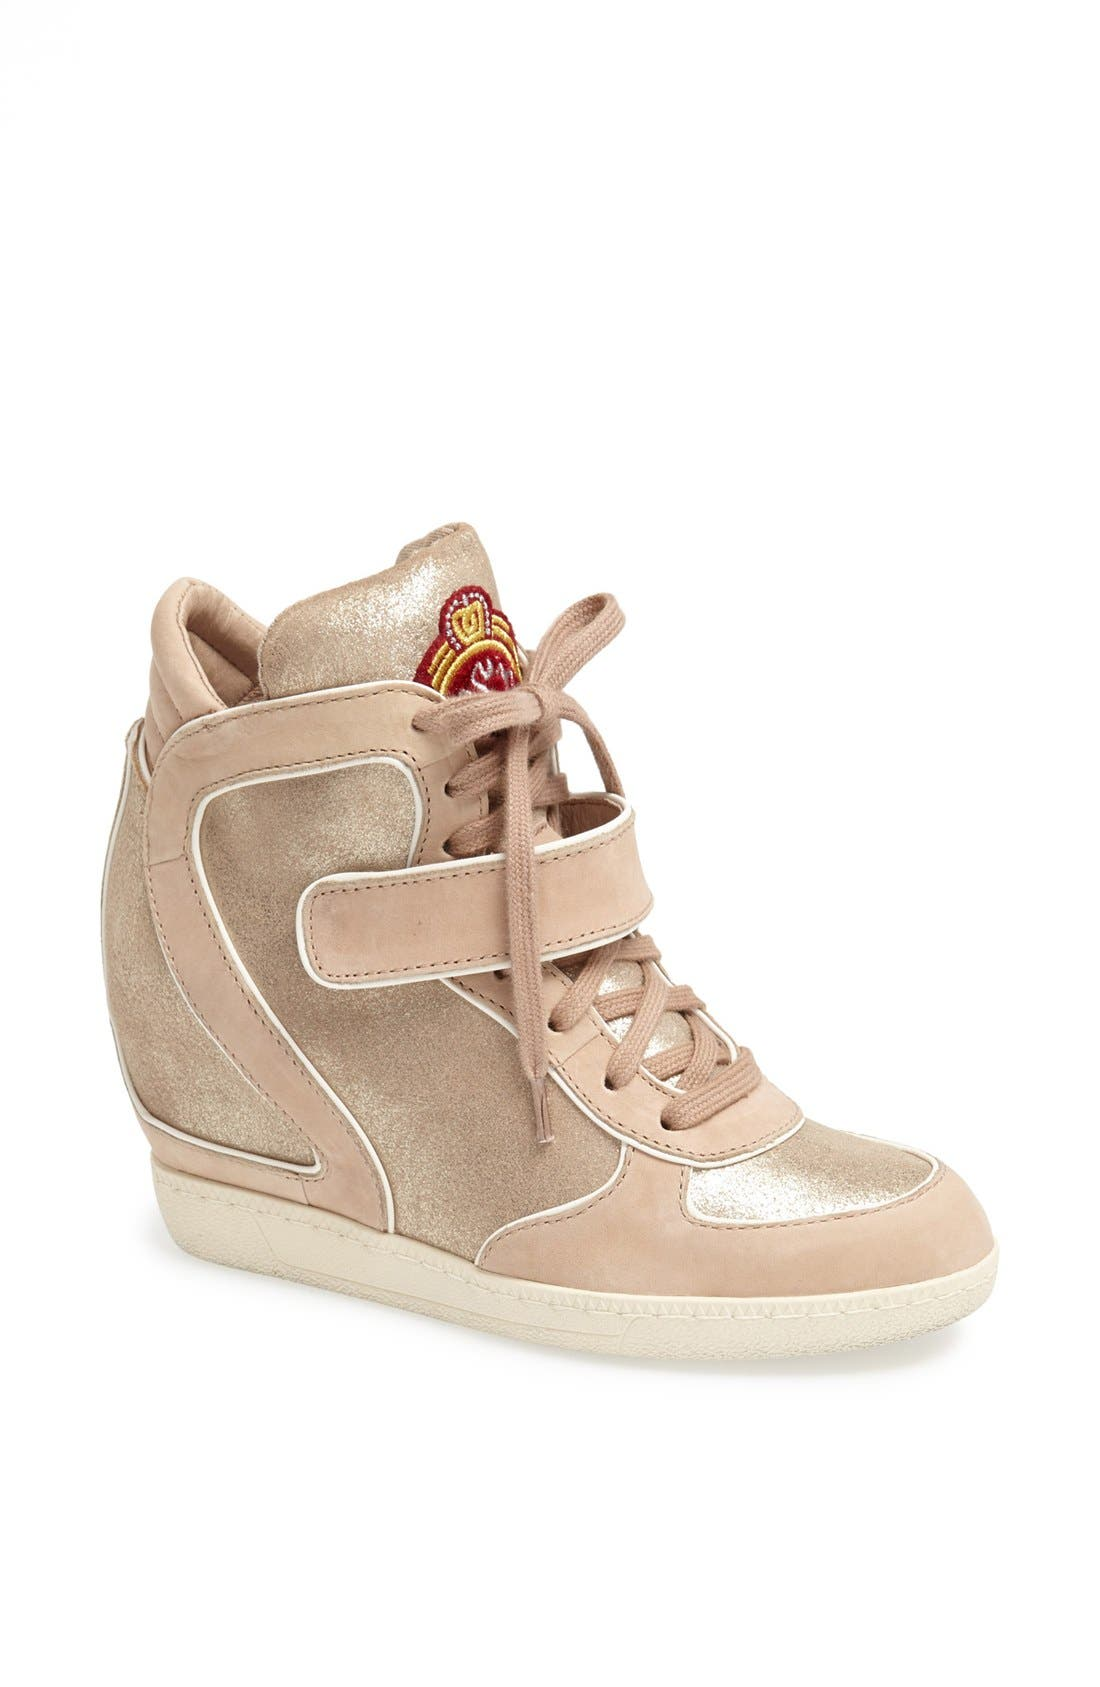 Alternate Image 1 Selected - Ash 'Brendy' Hidden Wedge Suede & Metallic Leather Sneaker